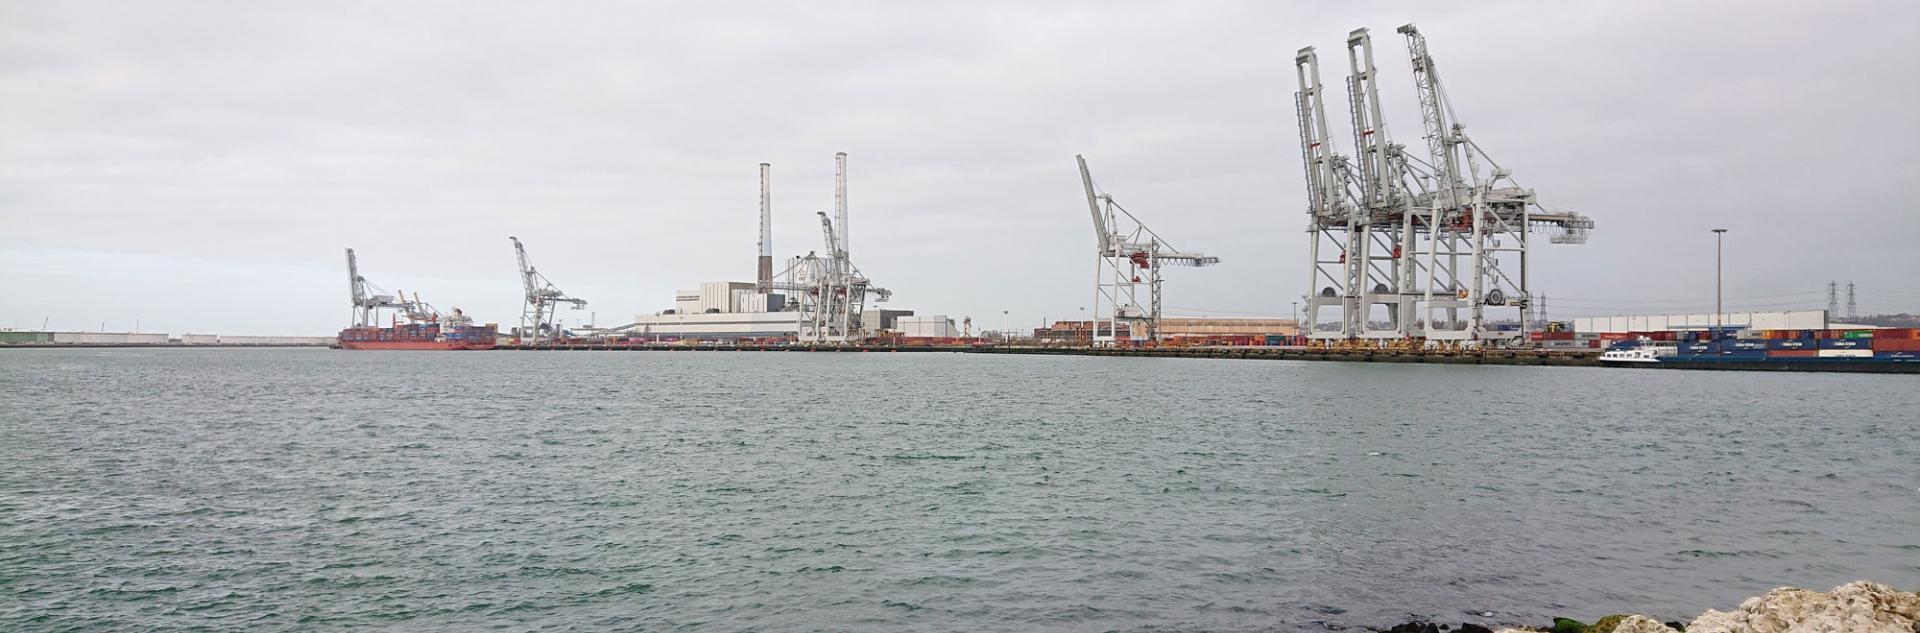 Samedi portuaire : le port dans tous ses états - LH Port Center